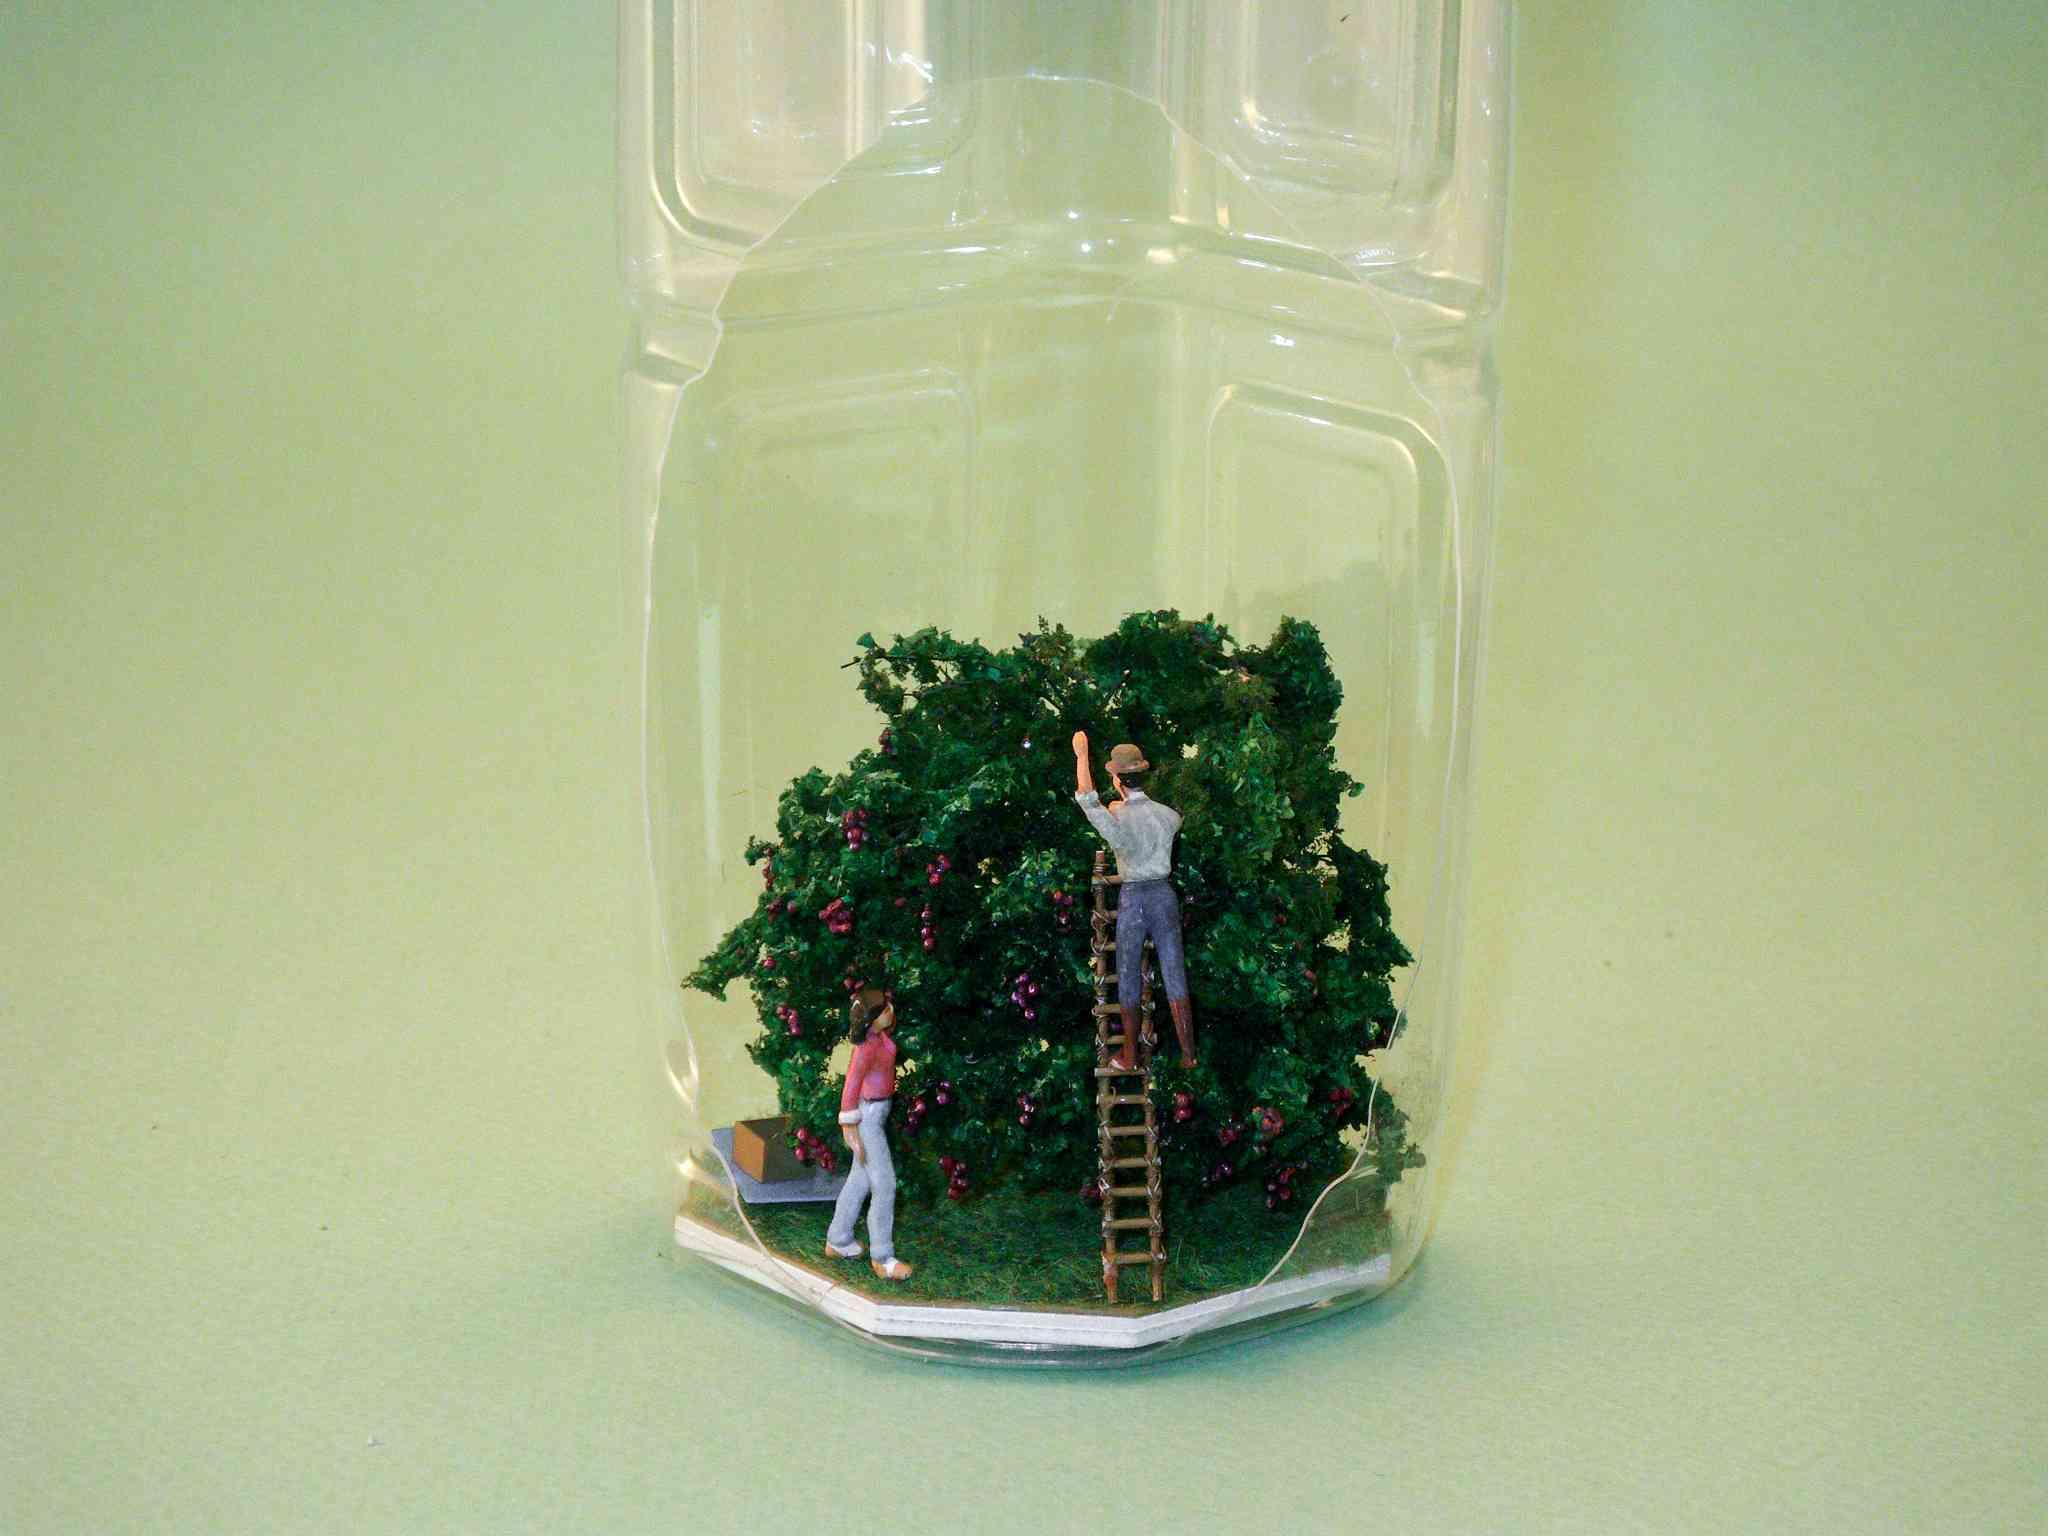 ▼ライチを収穫している一コマ。一本の木から採れるライチは200kg以上だとか。